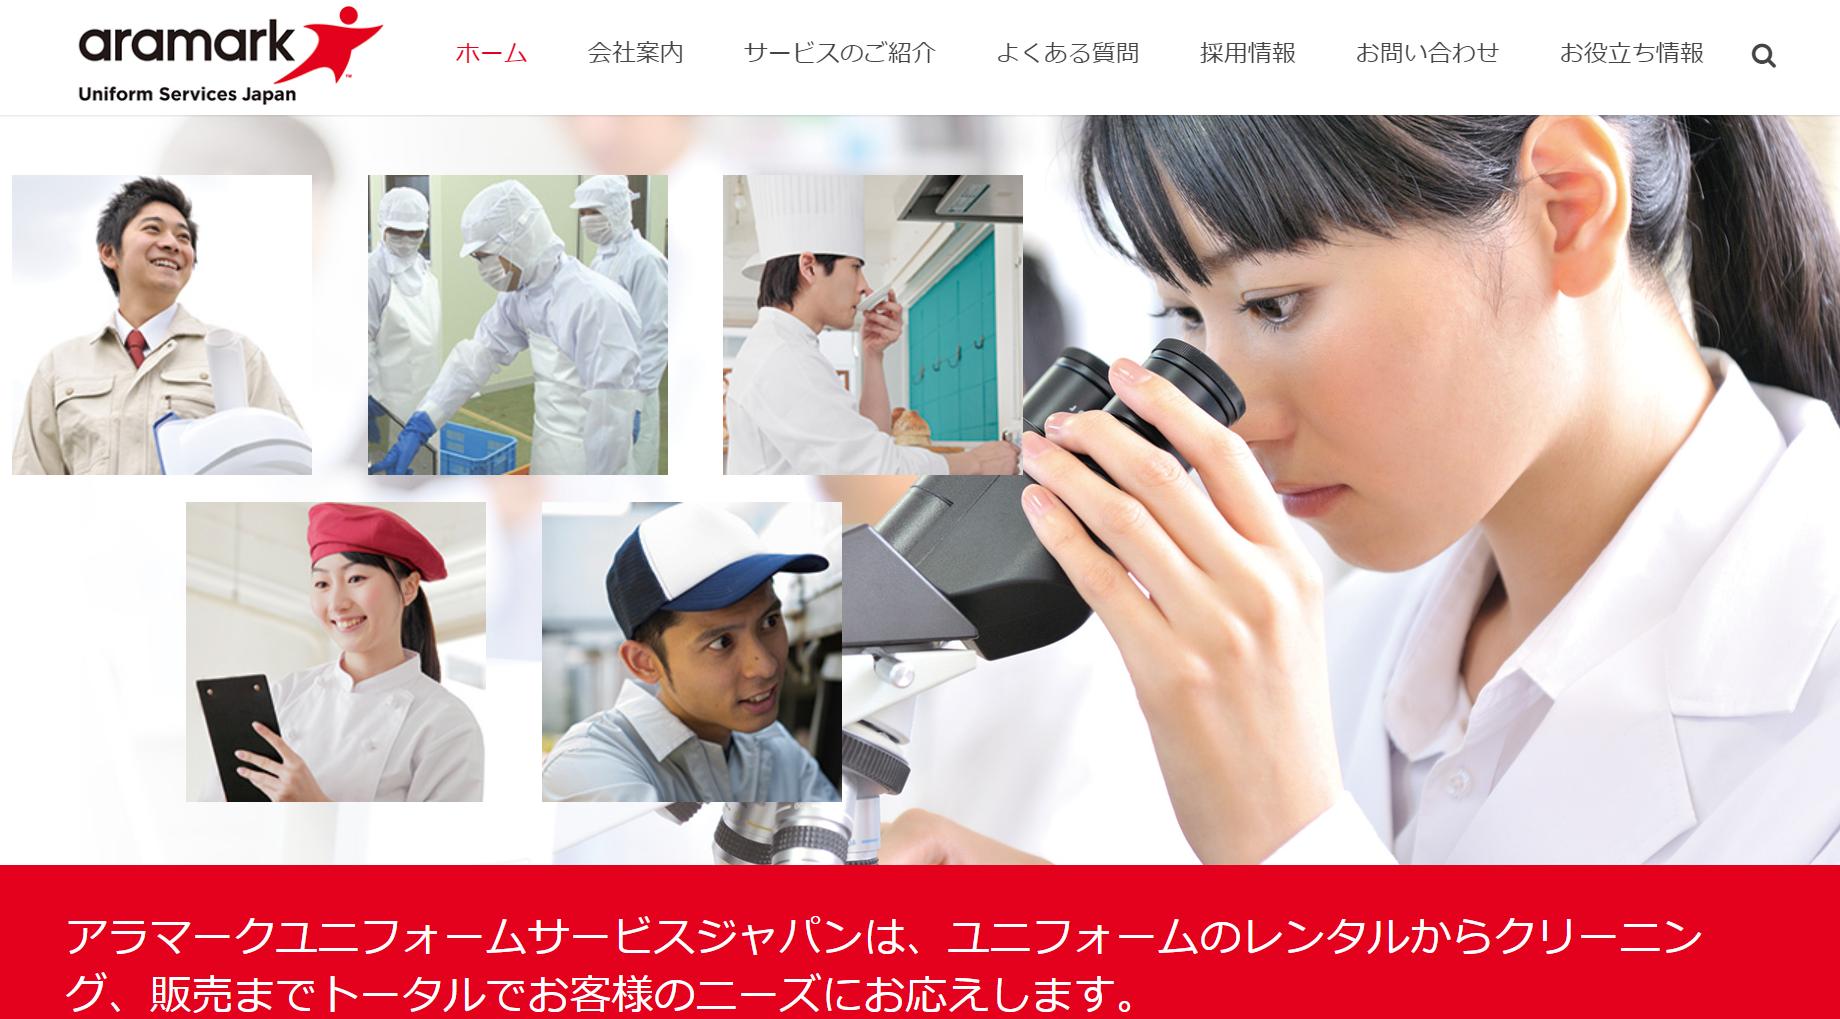 アラマークユニフォームサービスジャパンの評判・口コミ